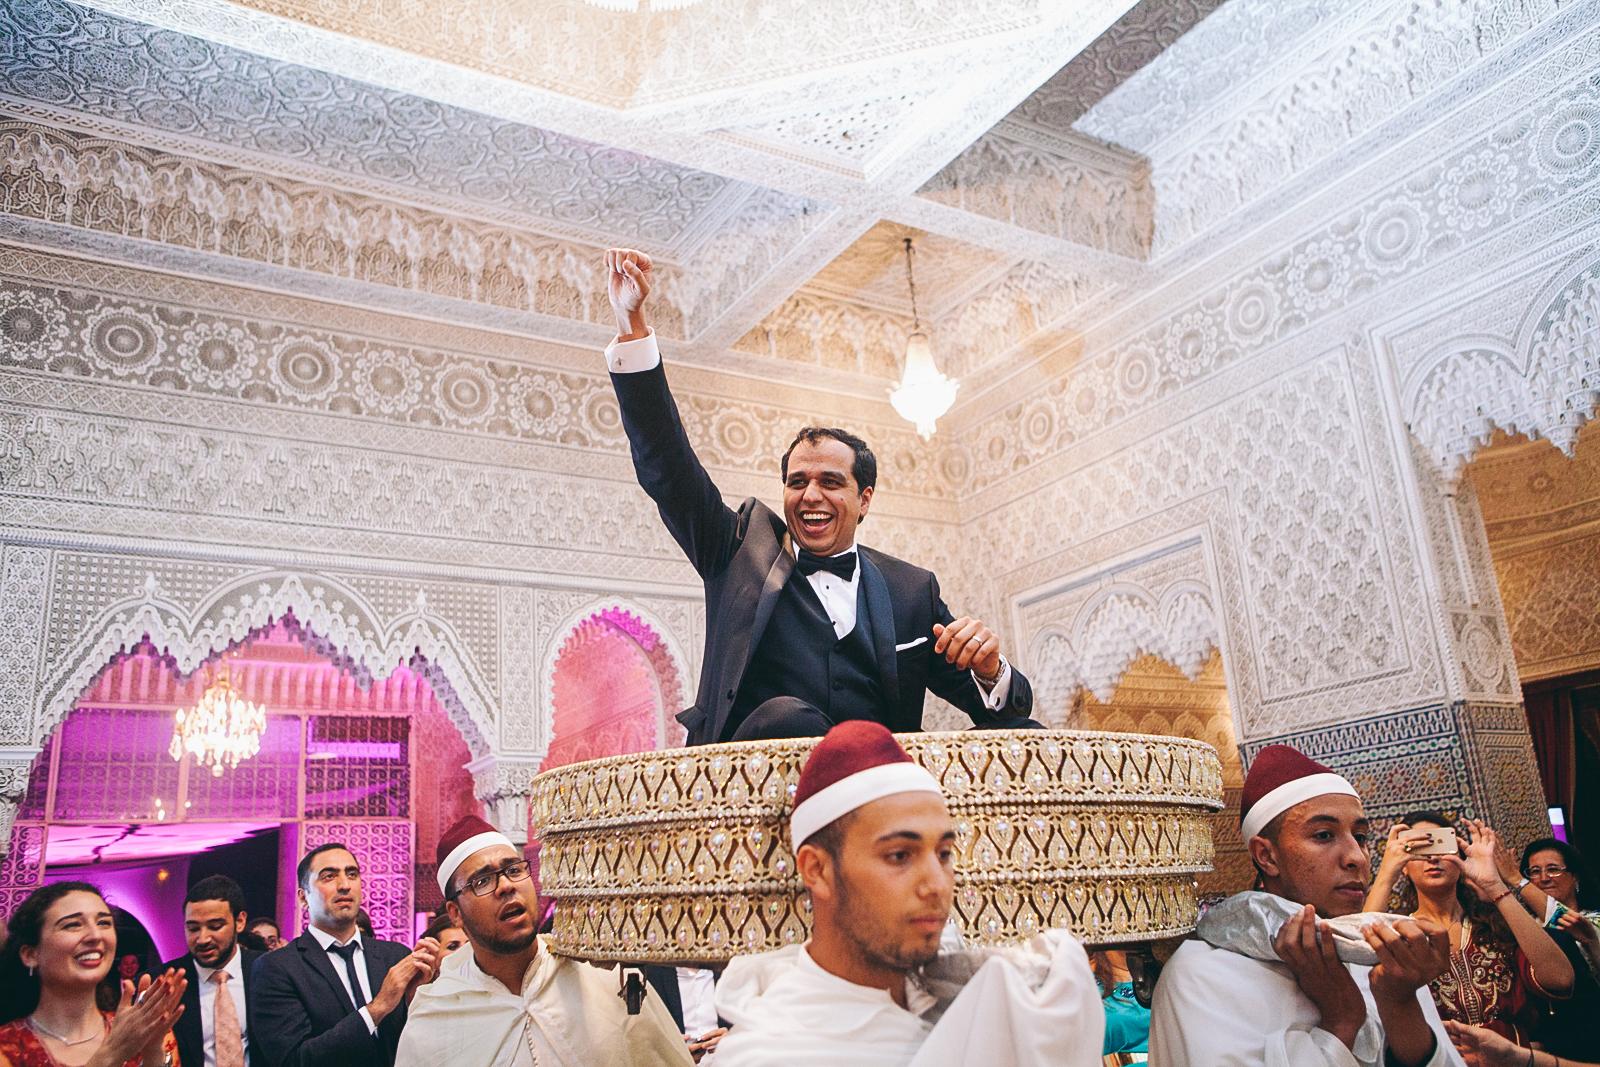 traditional_moroccan_wedding_photographry_casablanca_morocco_houda_vivek_ebony_siovhan_bokeh_photography_119.jpg